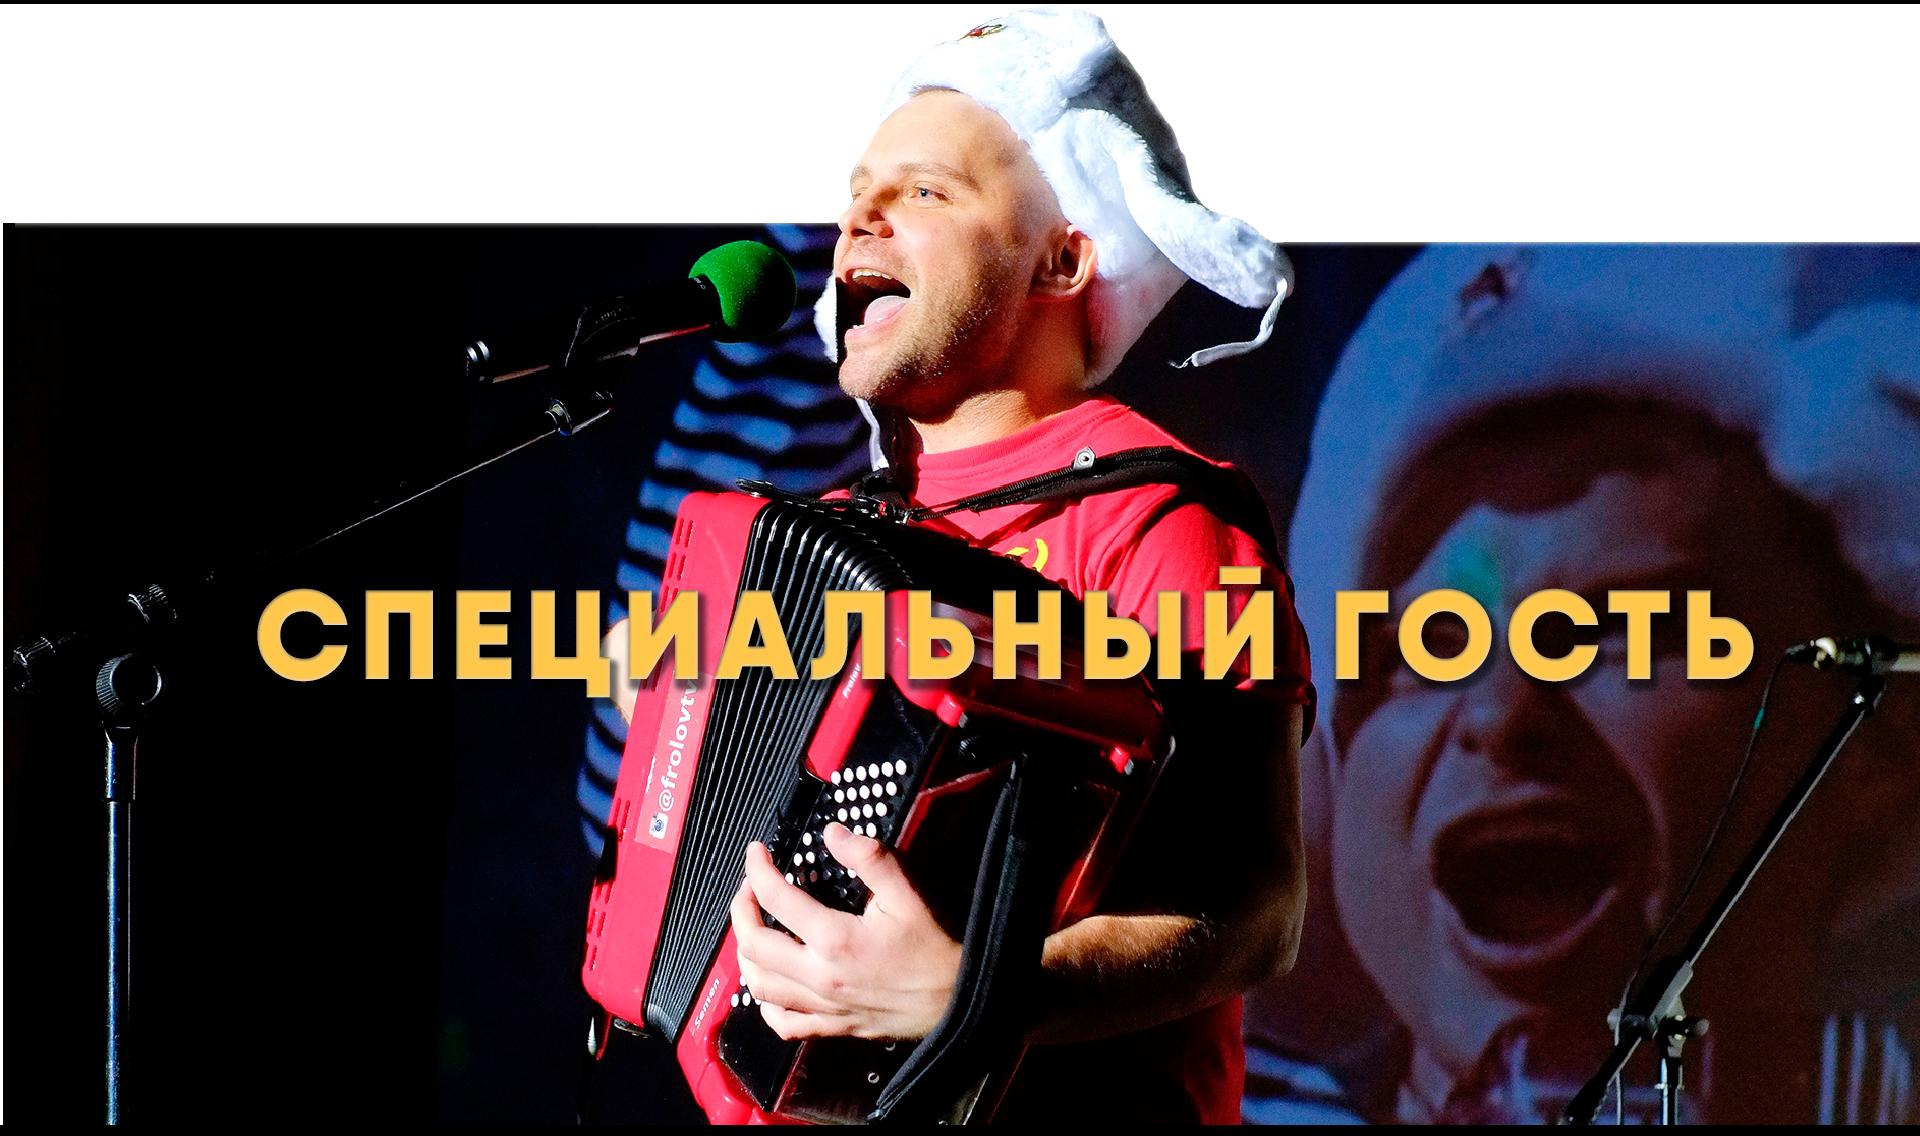 Специальный гость программы «Новый год 2020 на русский лад» в Германии электроаккордеонист и автор-исполнитель хитов Семен Фролов